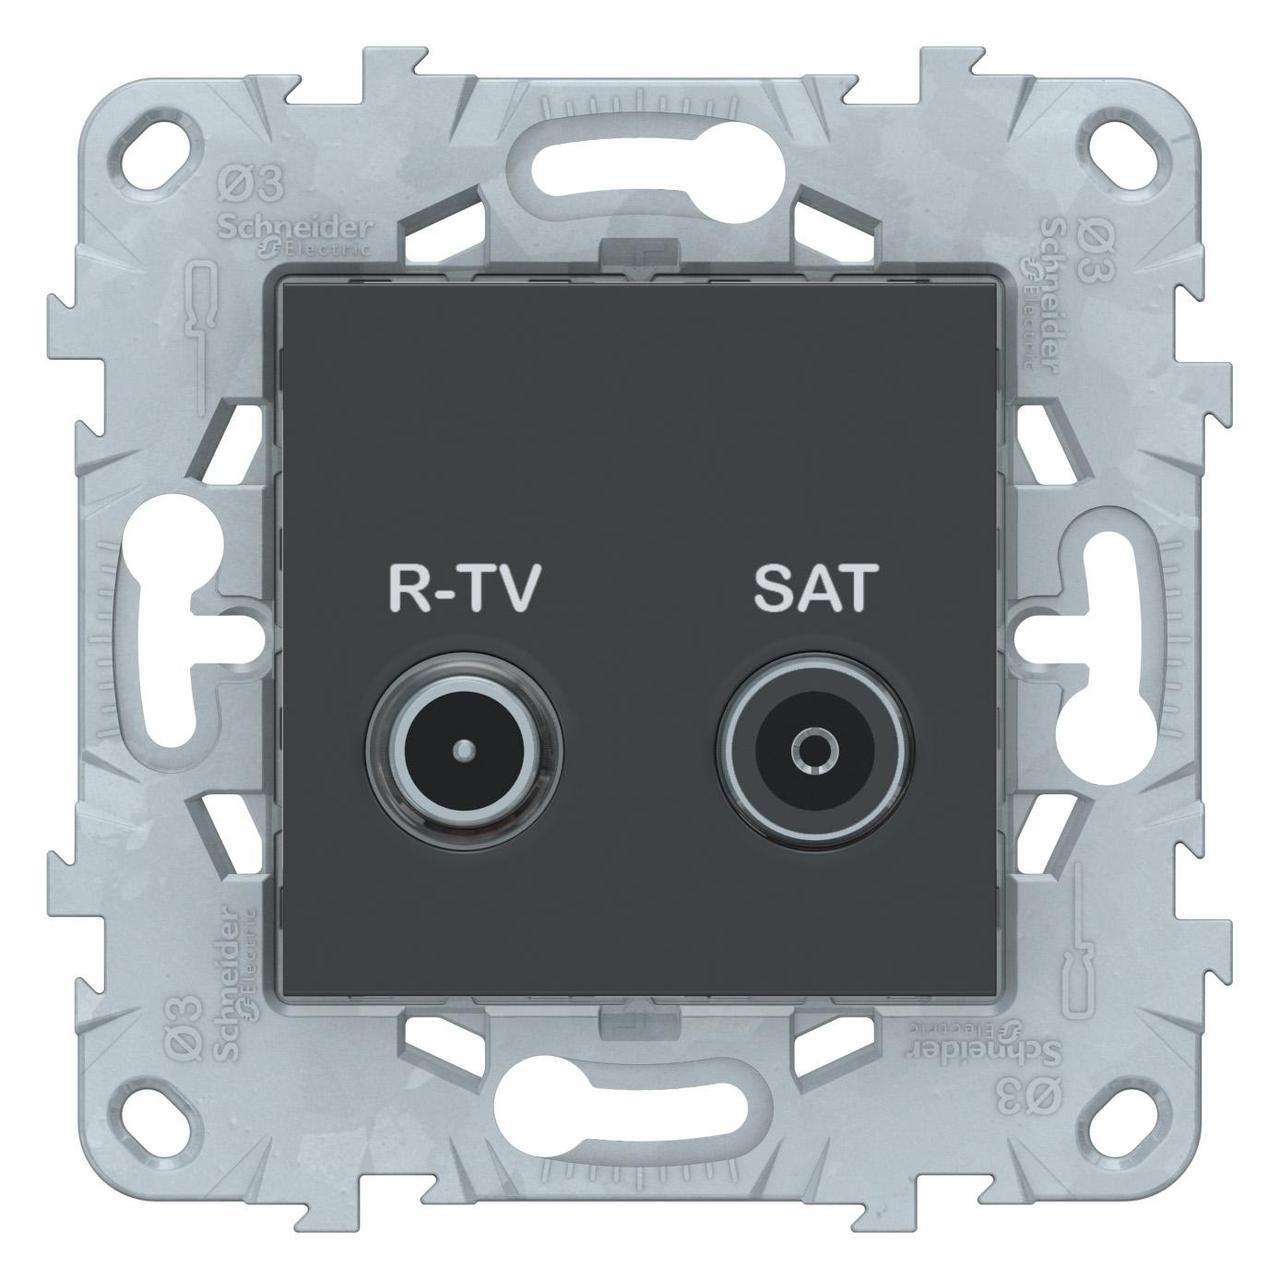 Розетка телевизионная единственная ТV-SAT , Антрацит, серия Unica New, Schneider Electric